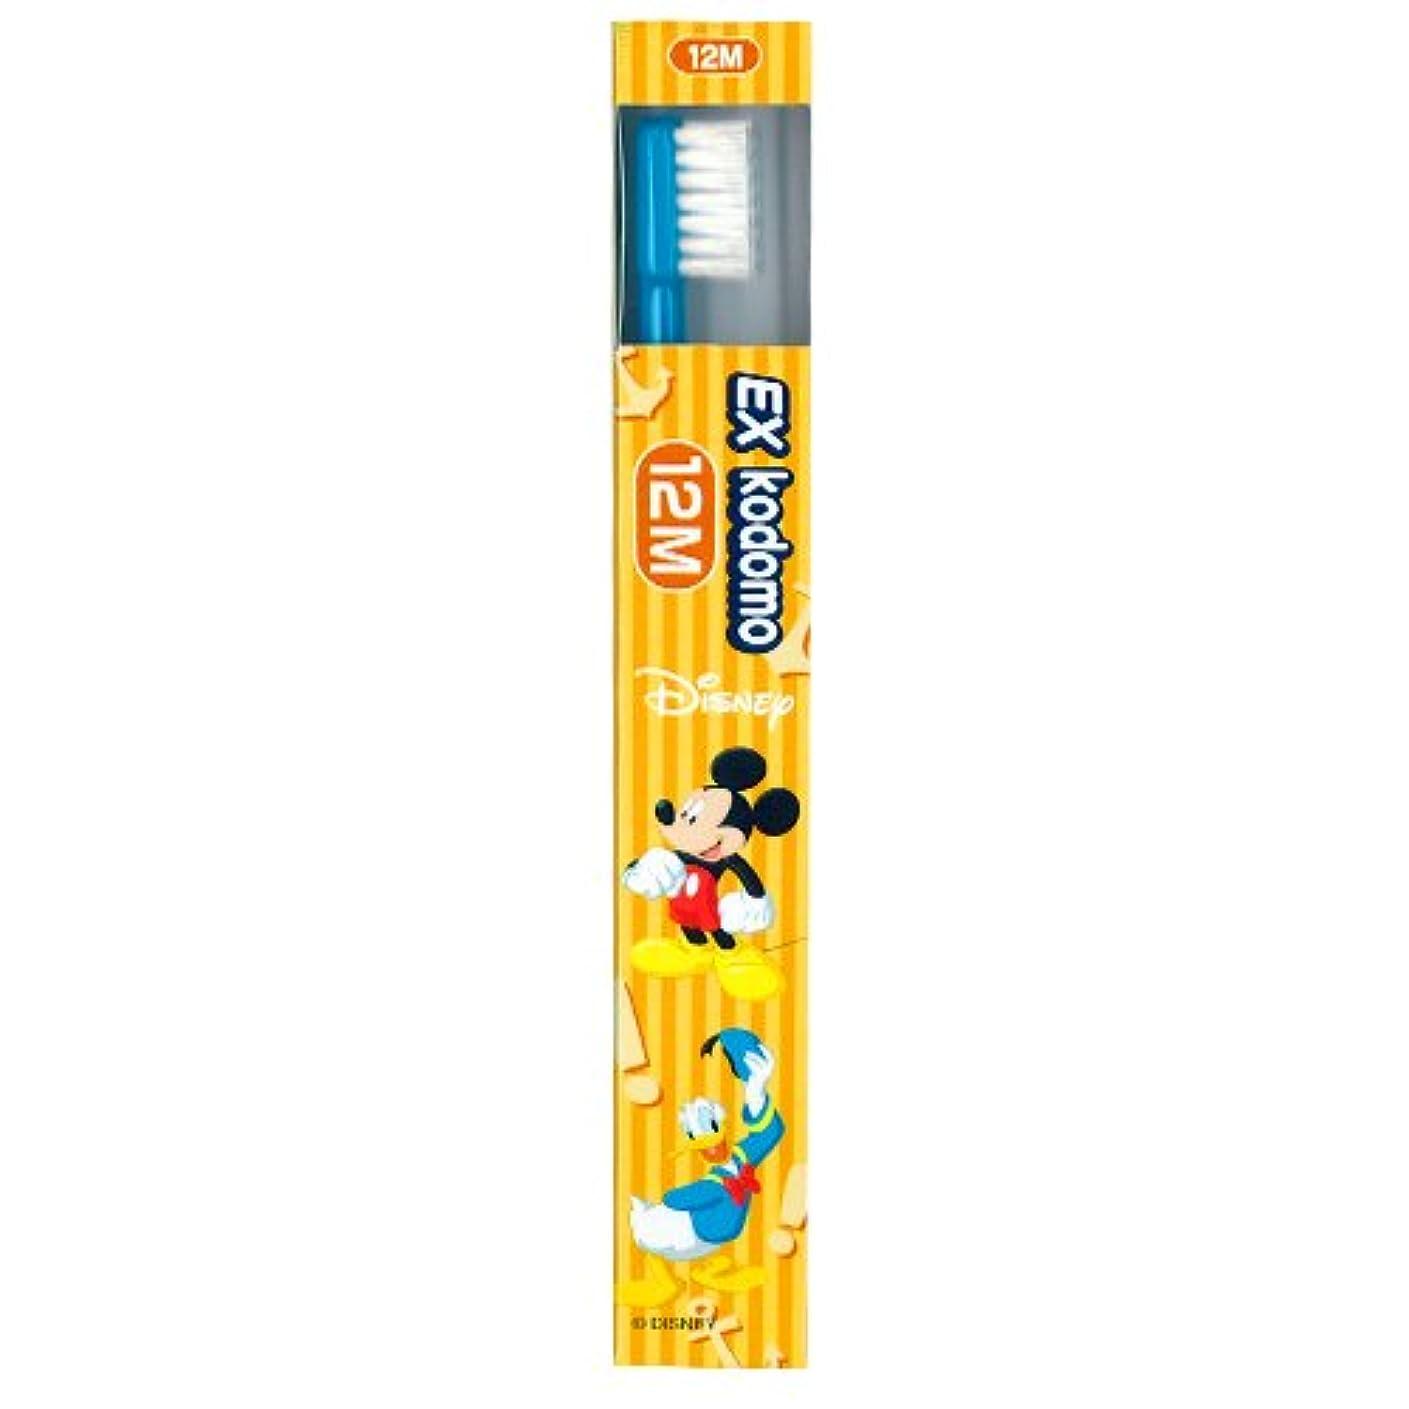 することになっている本集まるライオン EX kodomo ディズニー 歯ブラシ 1本 12M ブルー